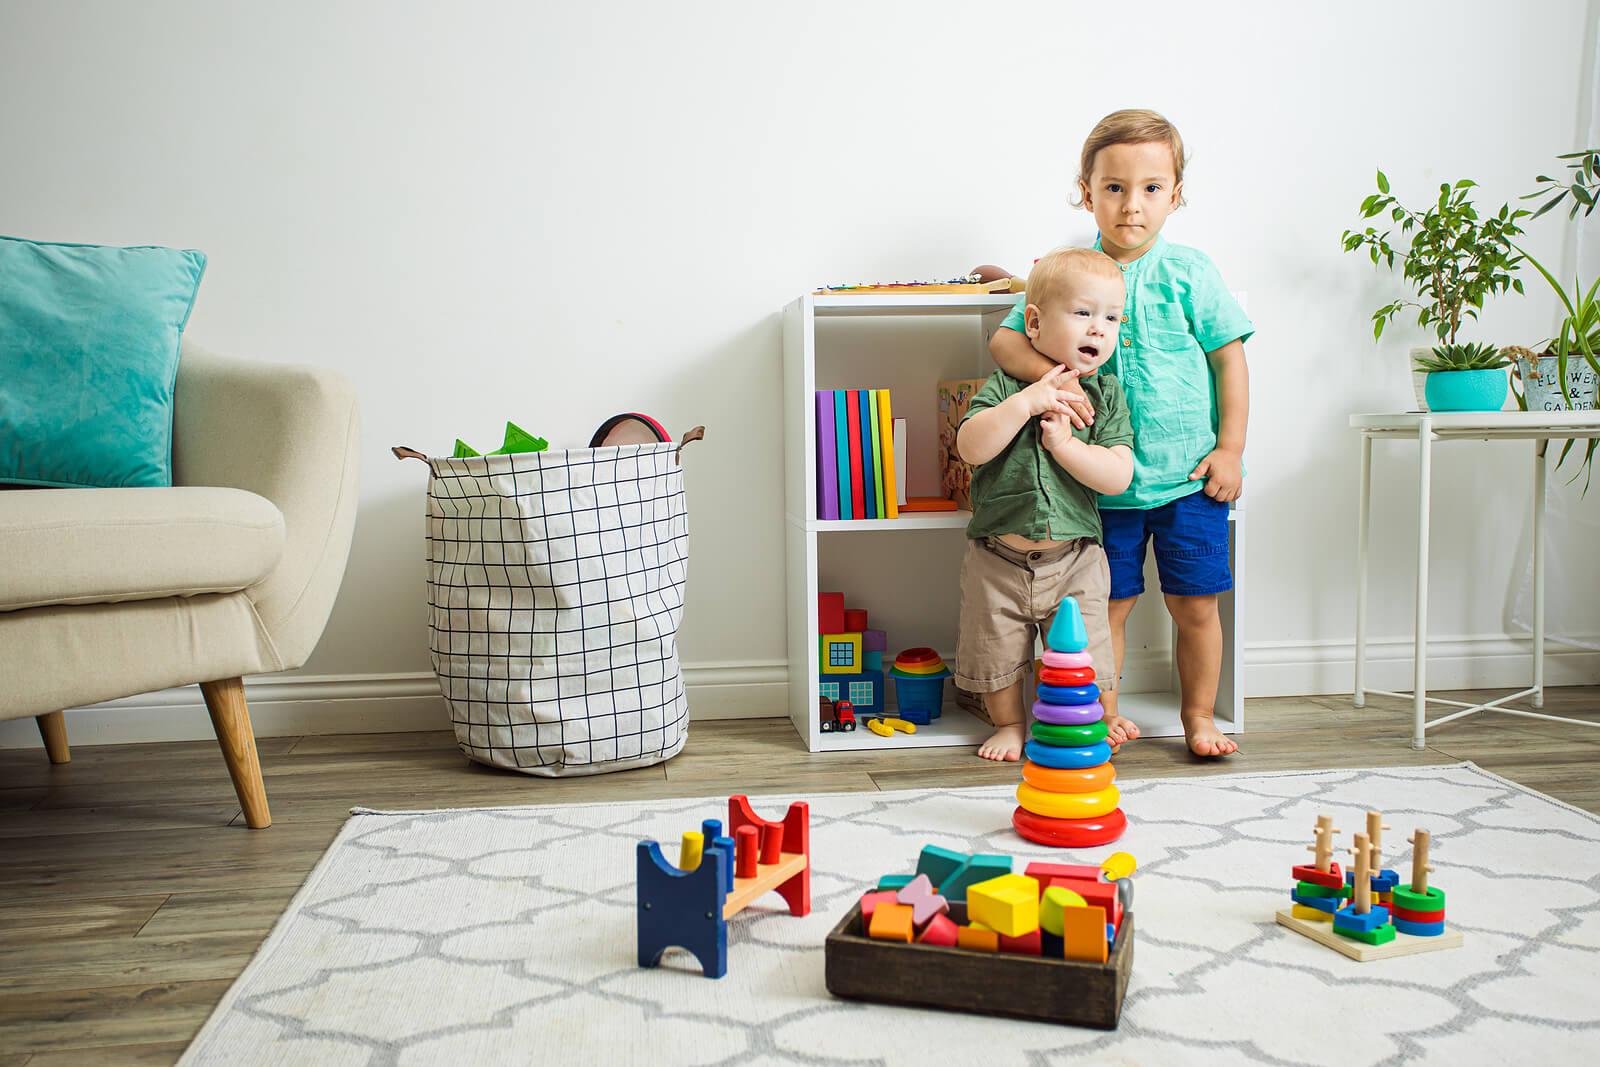 Niño haciéndose responsable de su hermano pequeño.